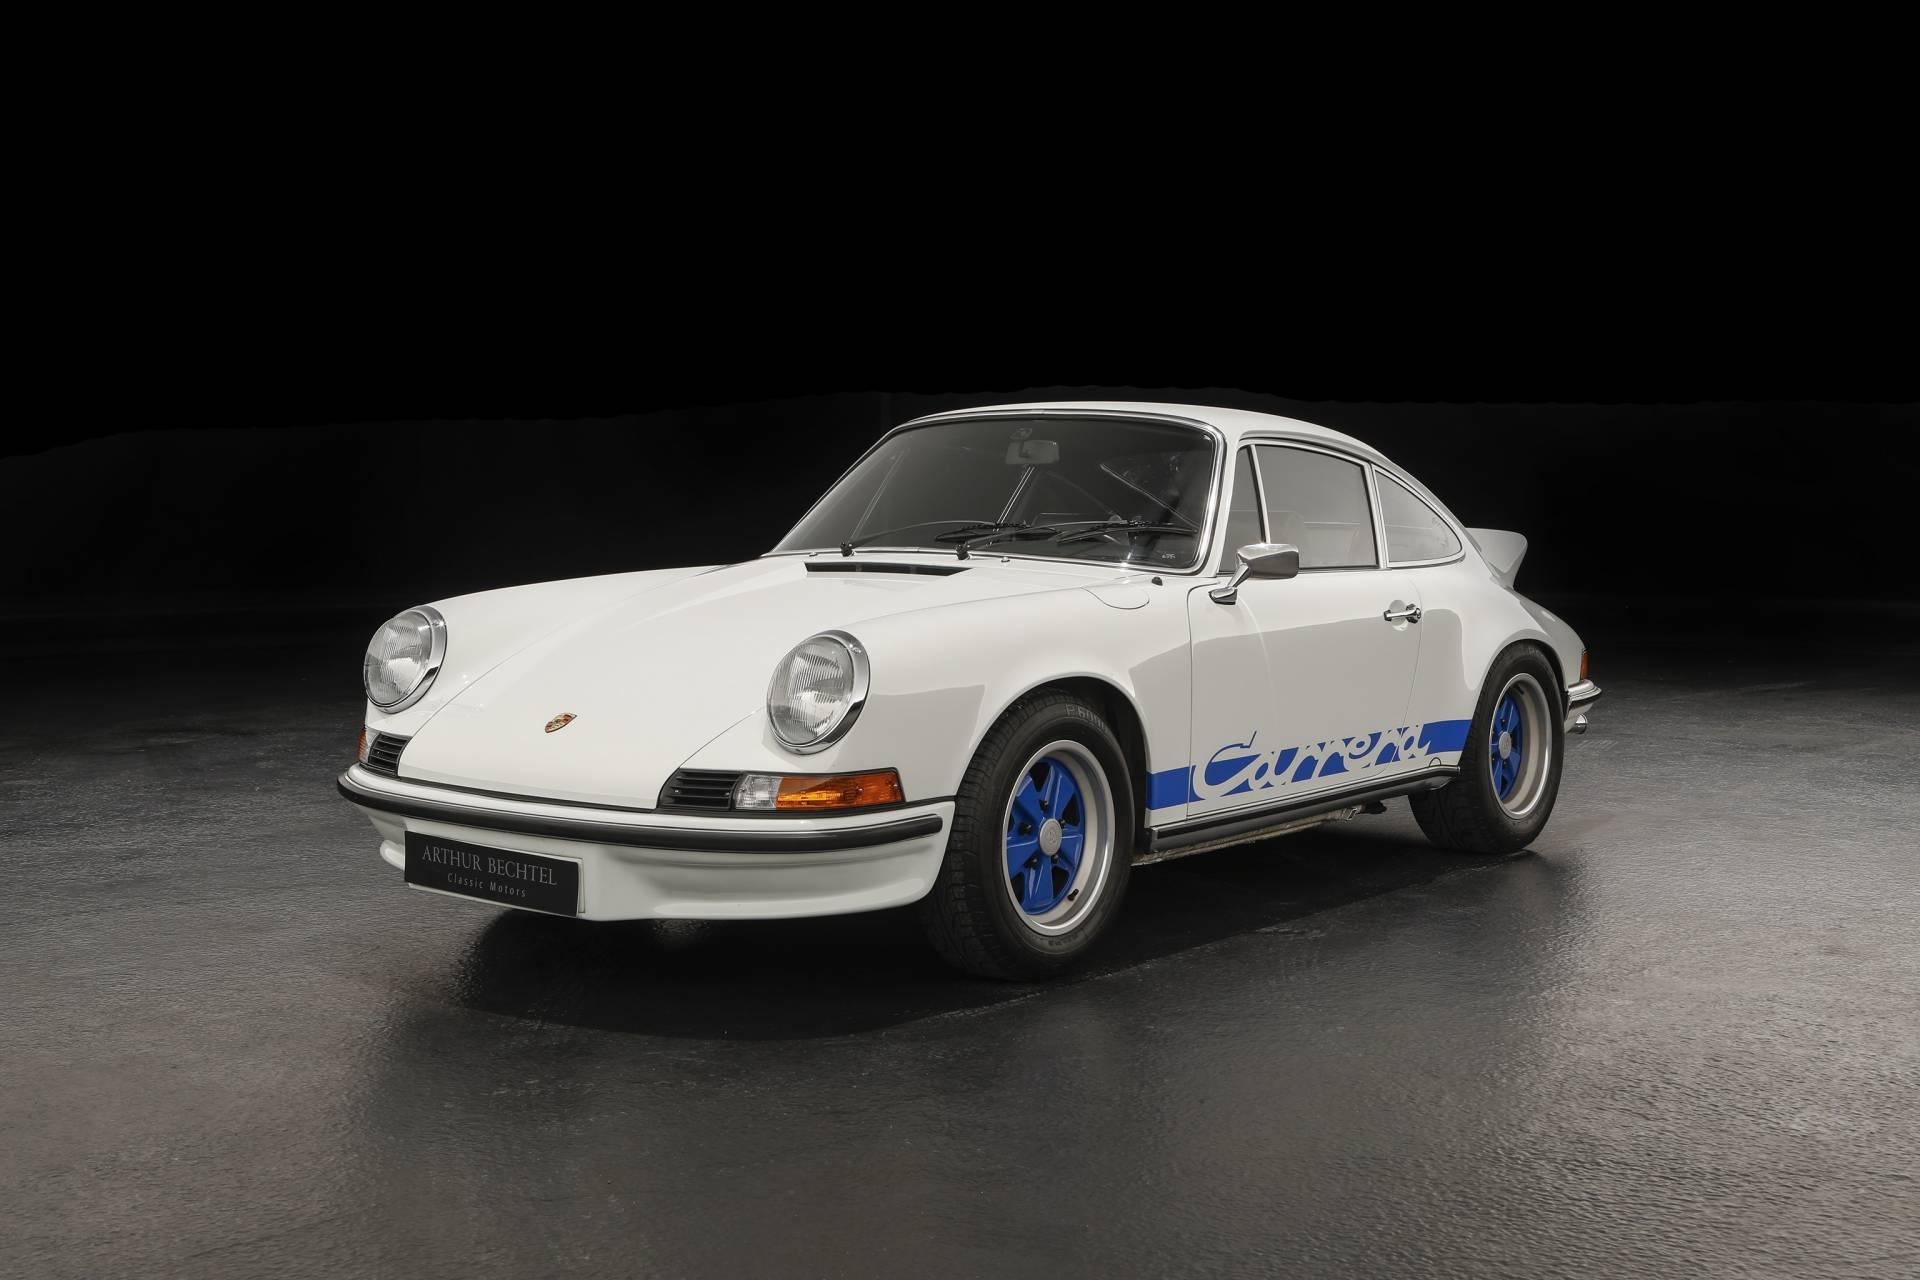 Porsche 911 f body carrera RS